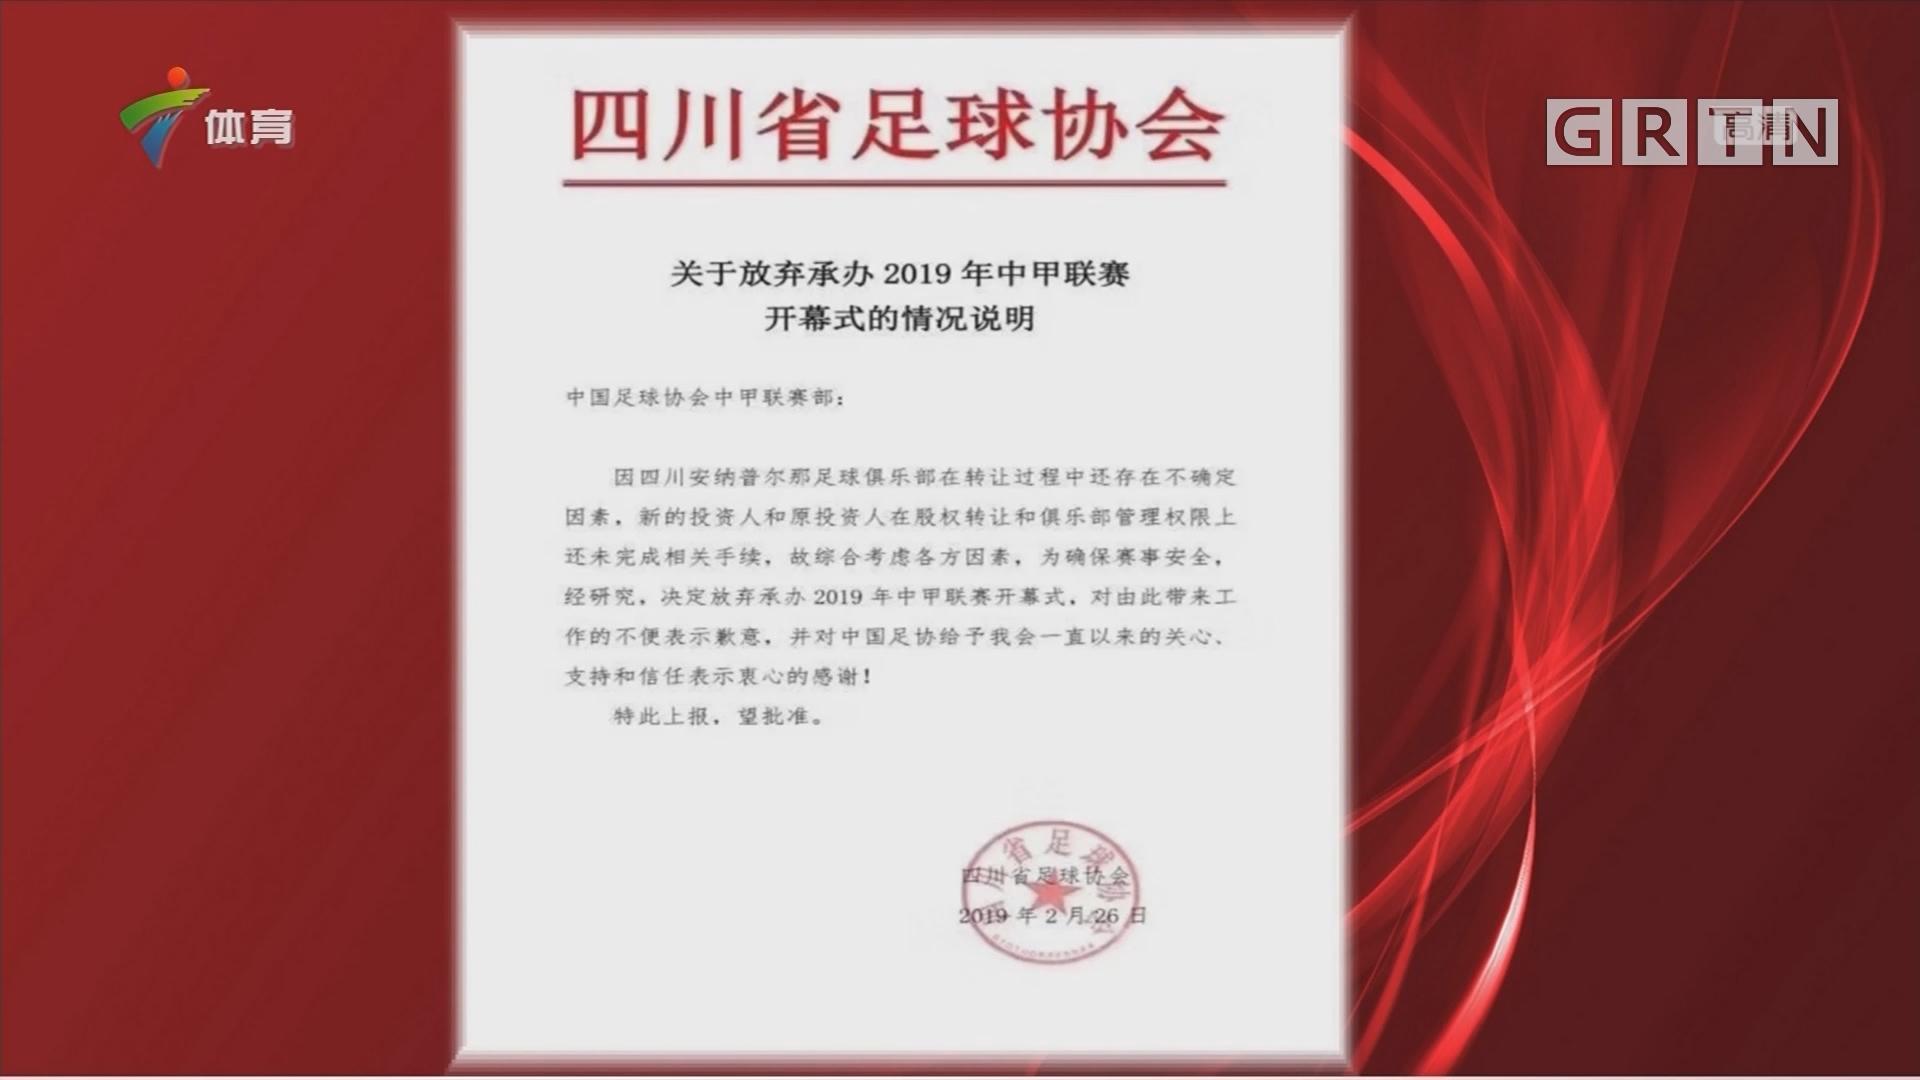 四川省足球协会关于放弃承办2019年中甲联赛开幕式的情况说明